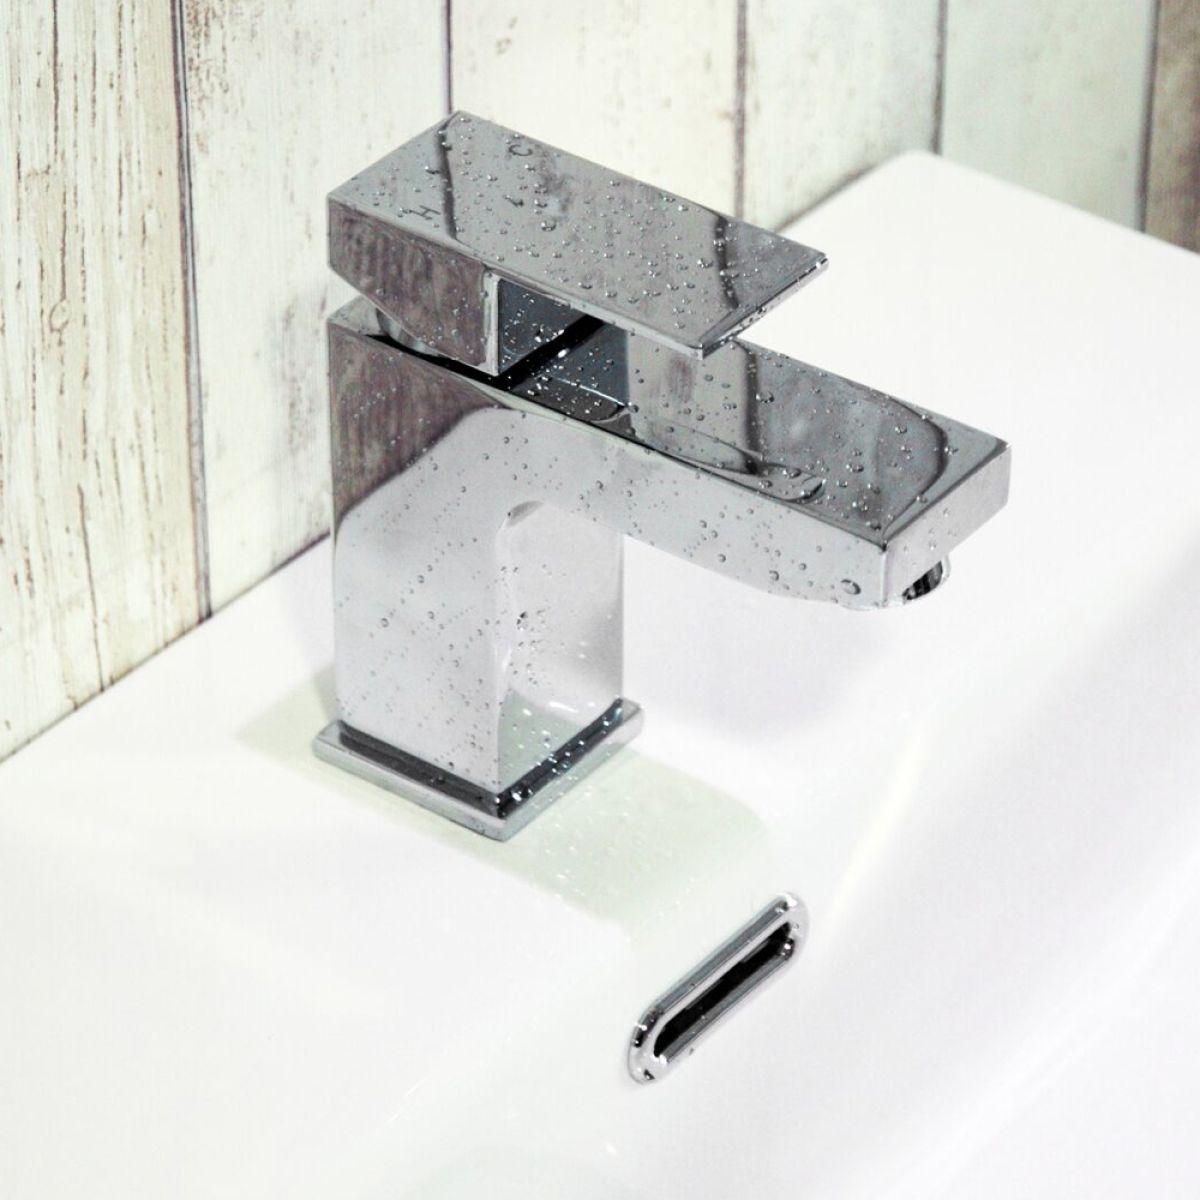 Zenith Form Mono Basin Mixer Tap Lifestyle